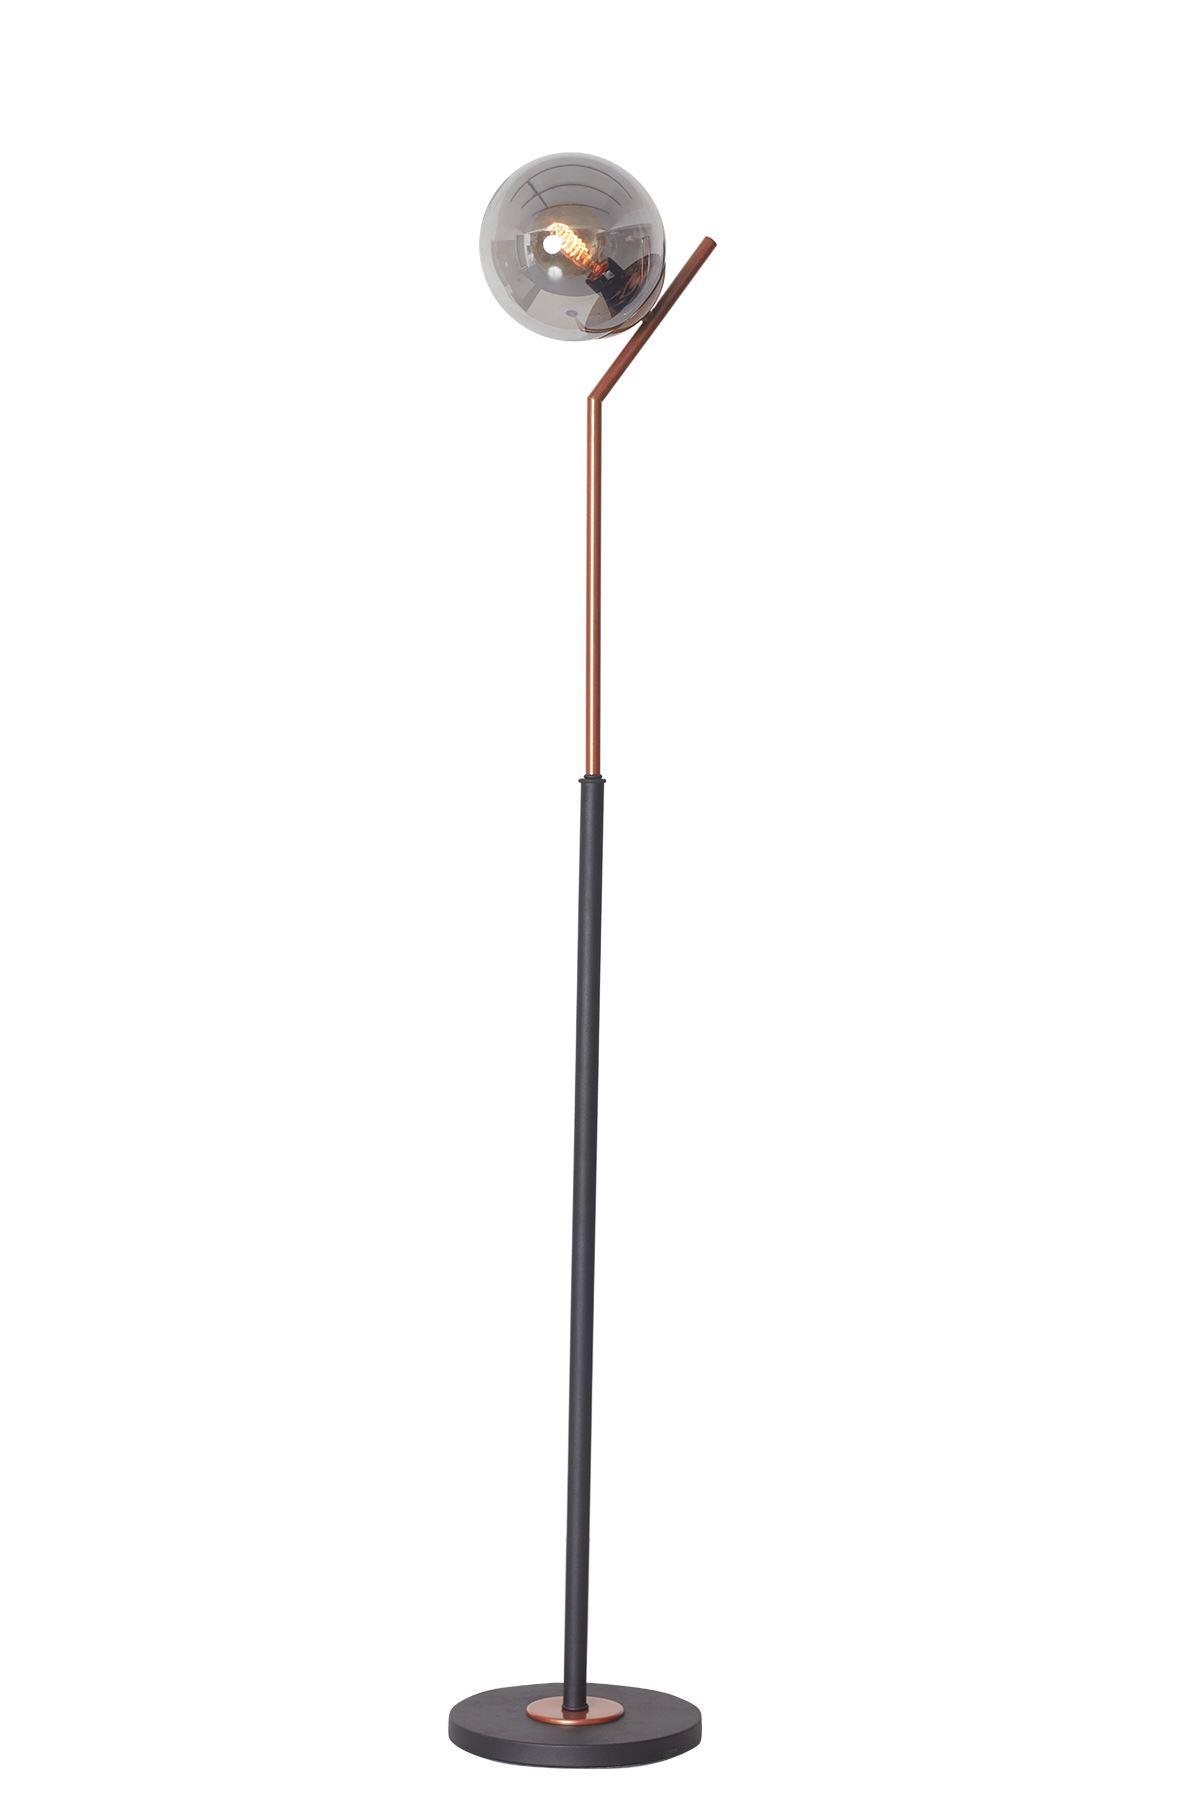 Elit Bakır-Siyah Metal Gövde Füme Camlı Tasarım Lüx Yerden Aydınlatma Lambader